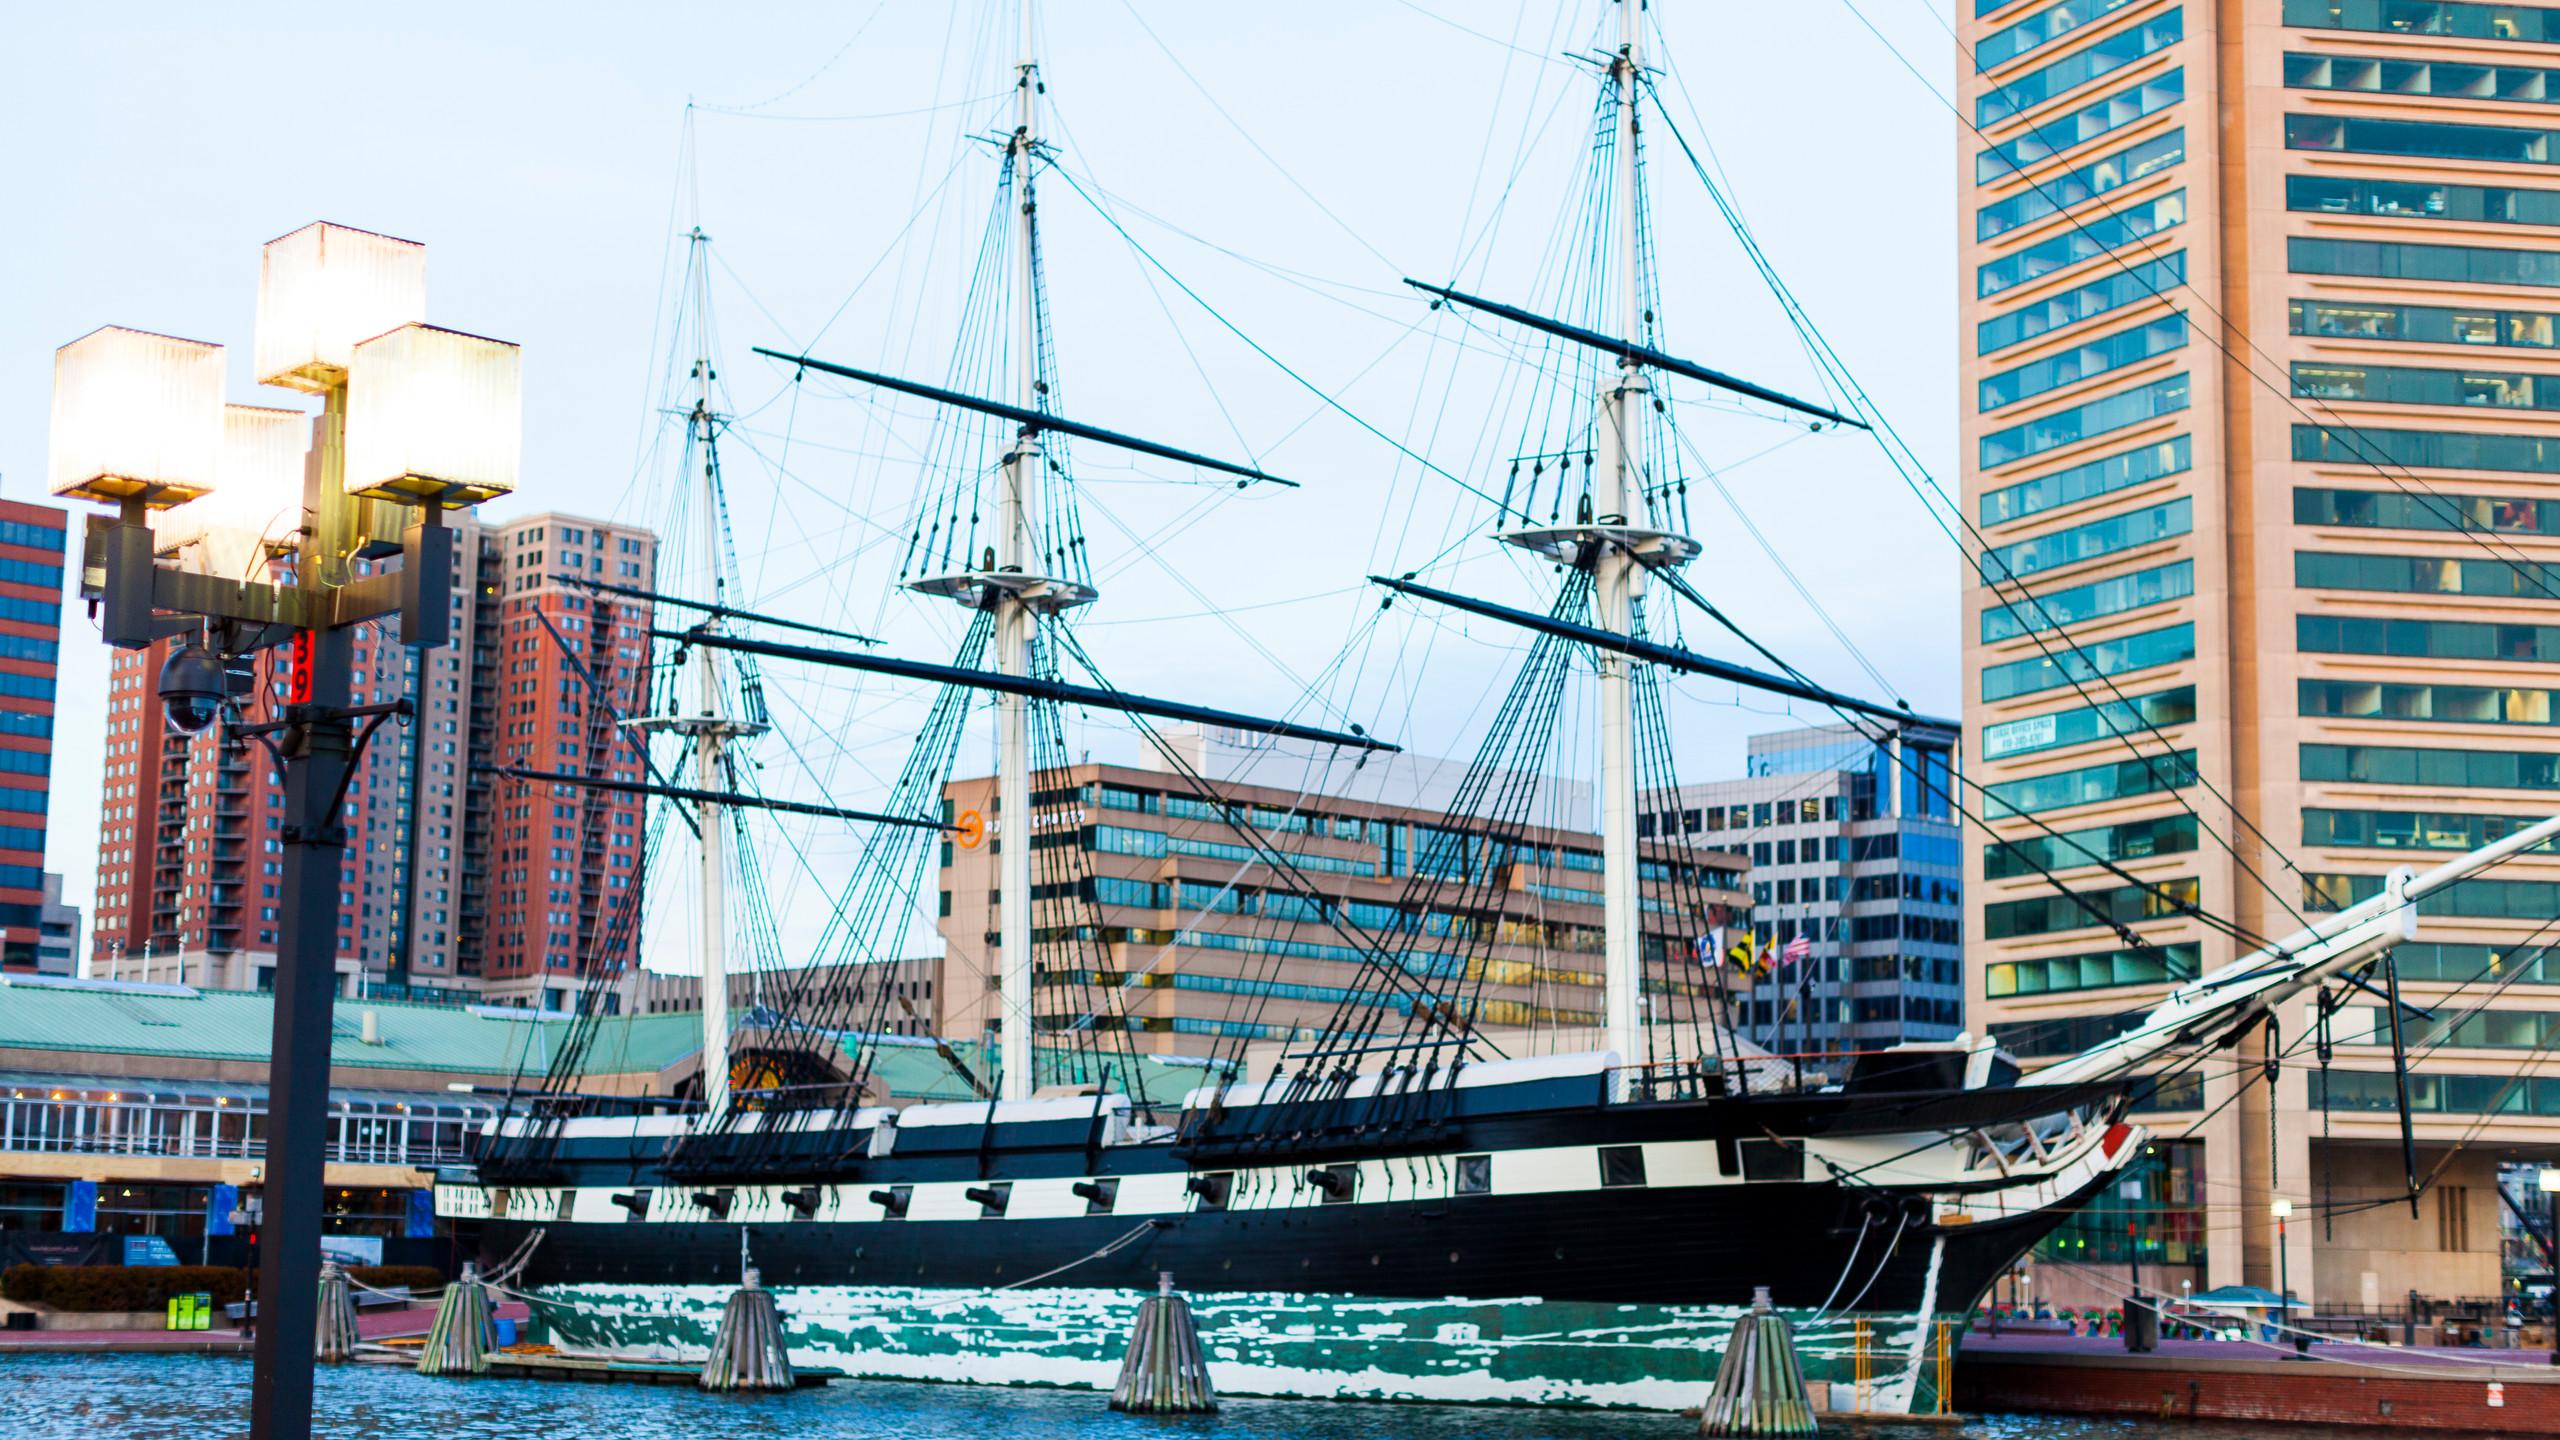 A Historic Ship